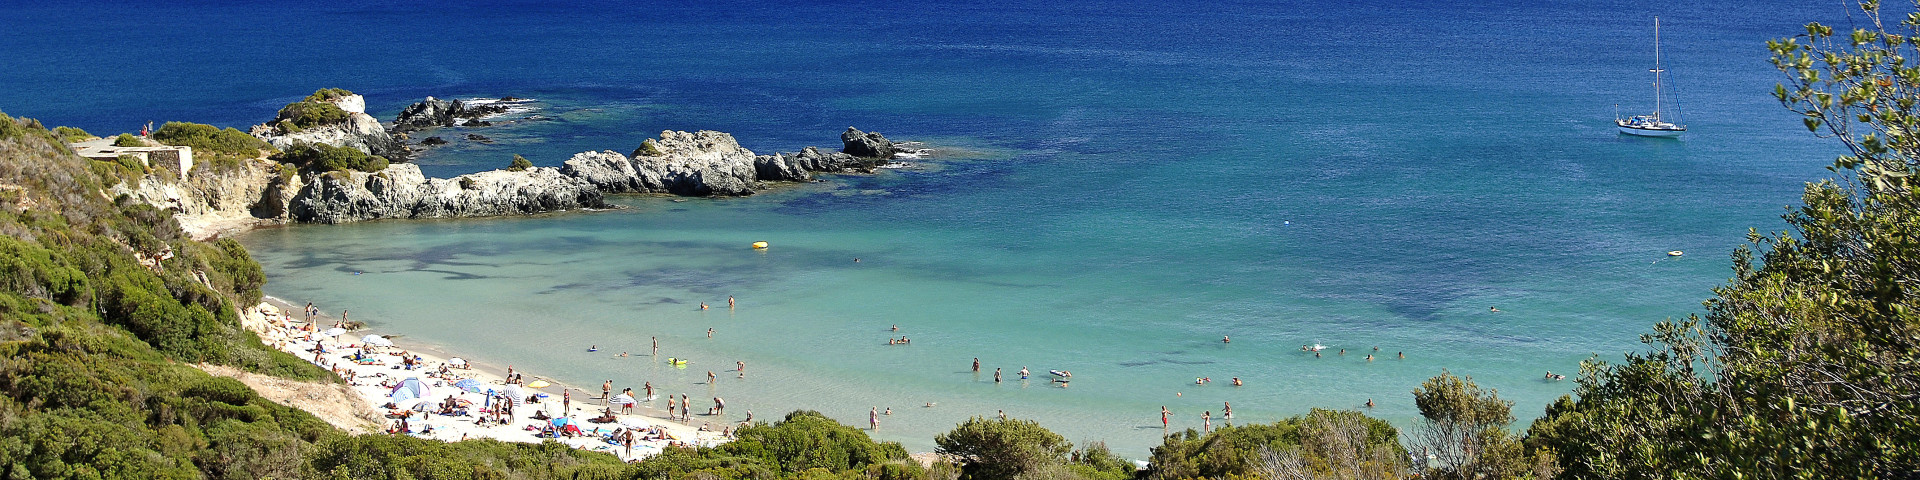 Lacona, pláž Laconella